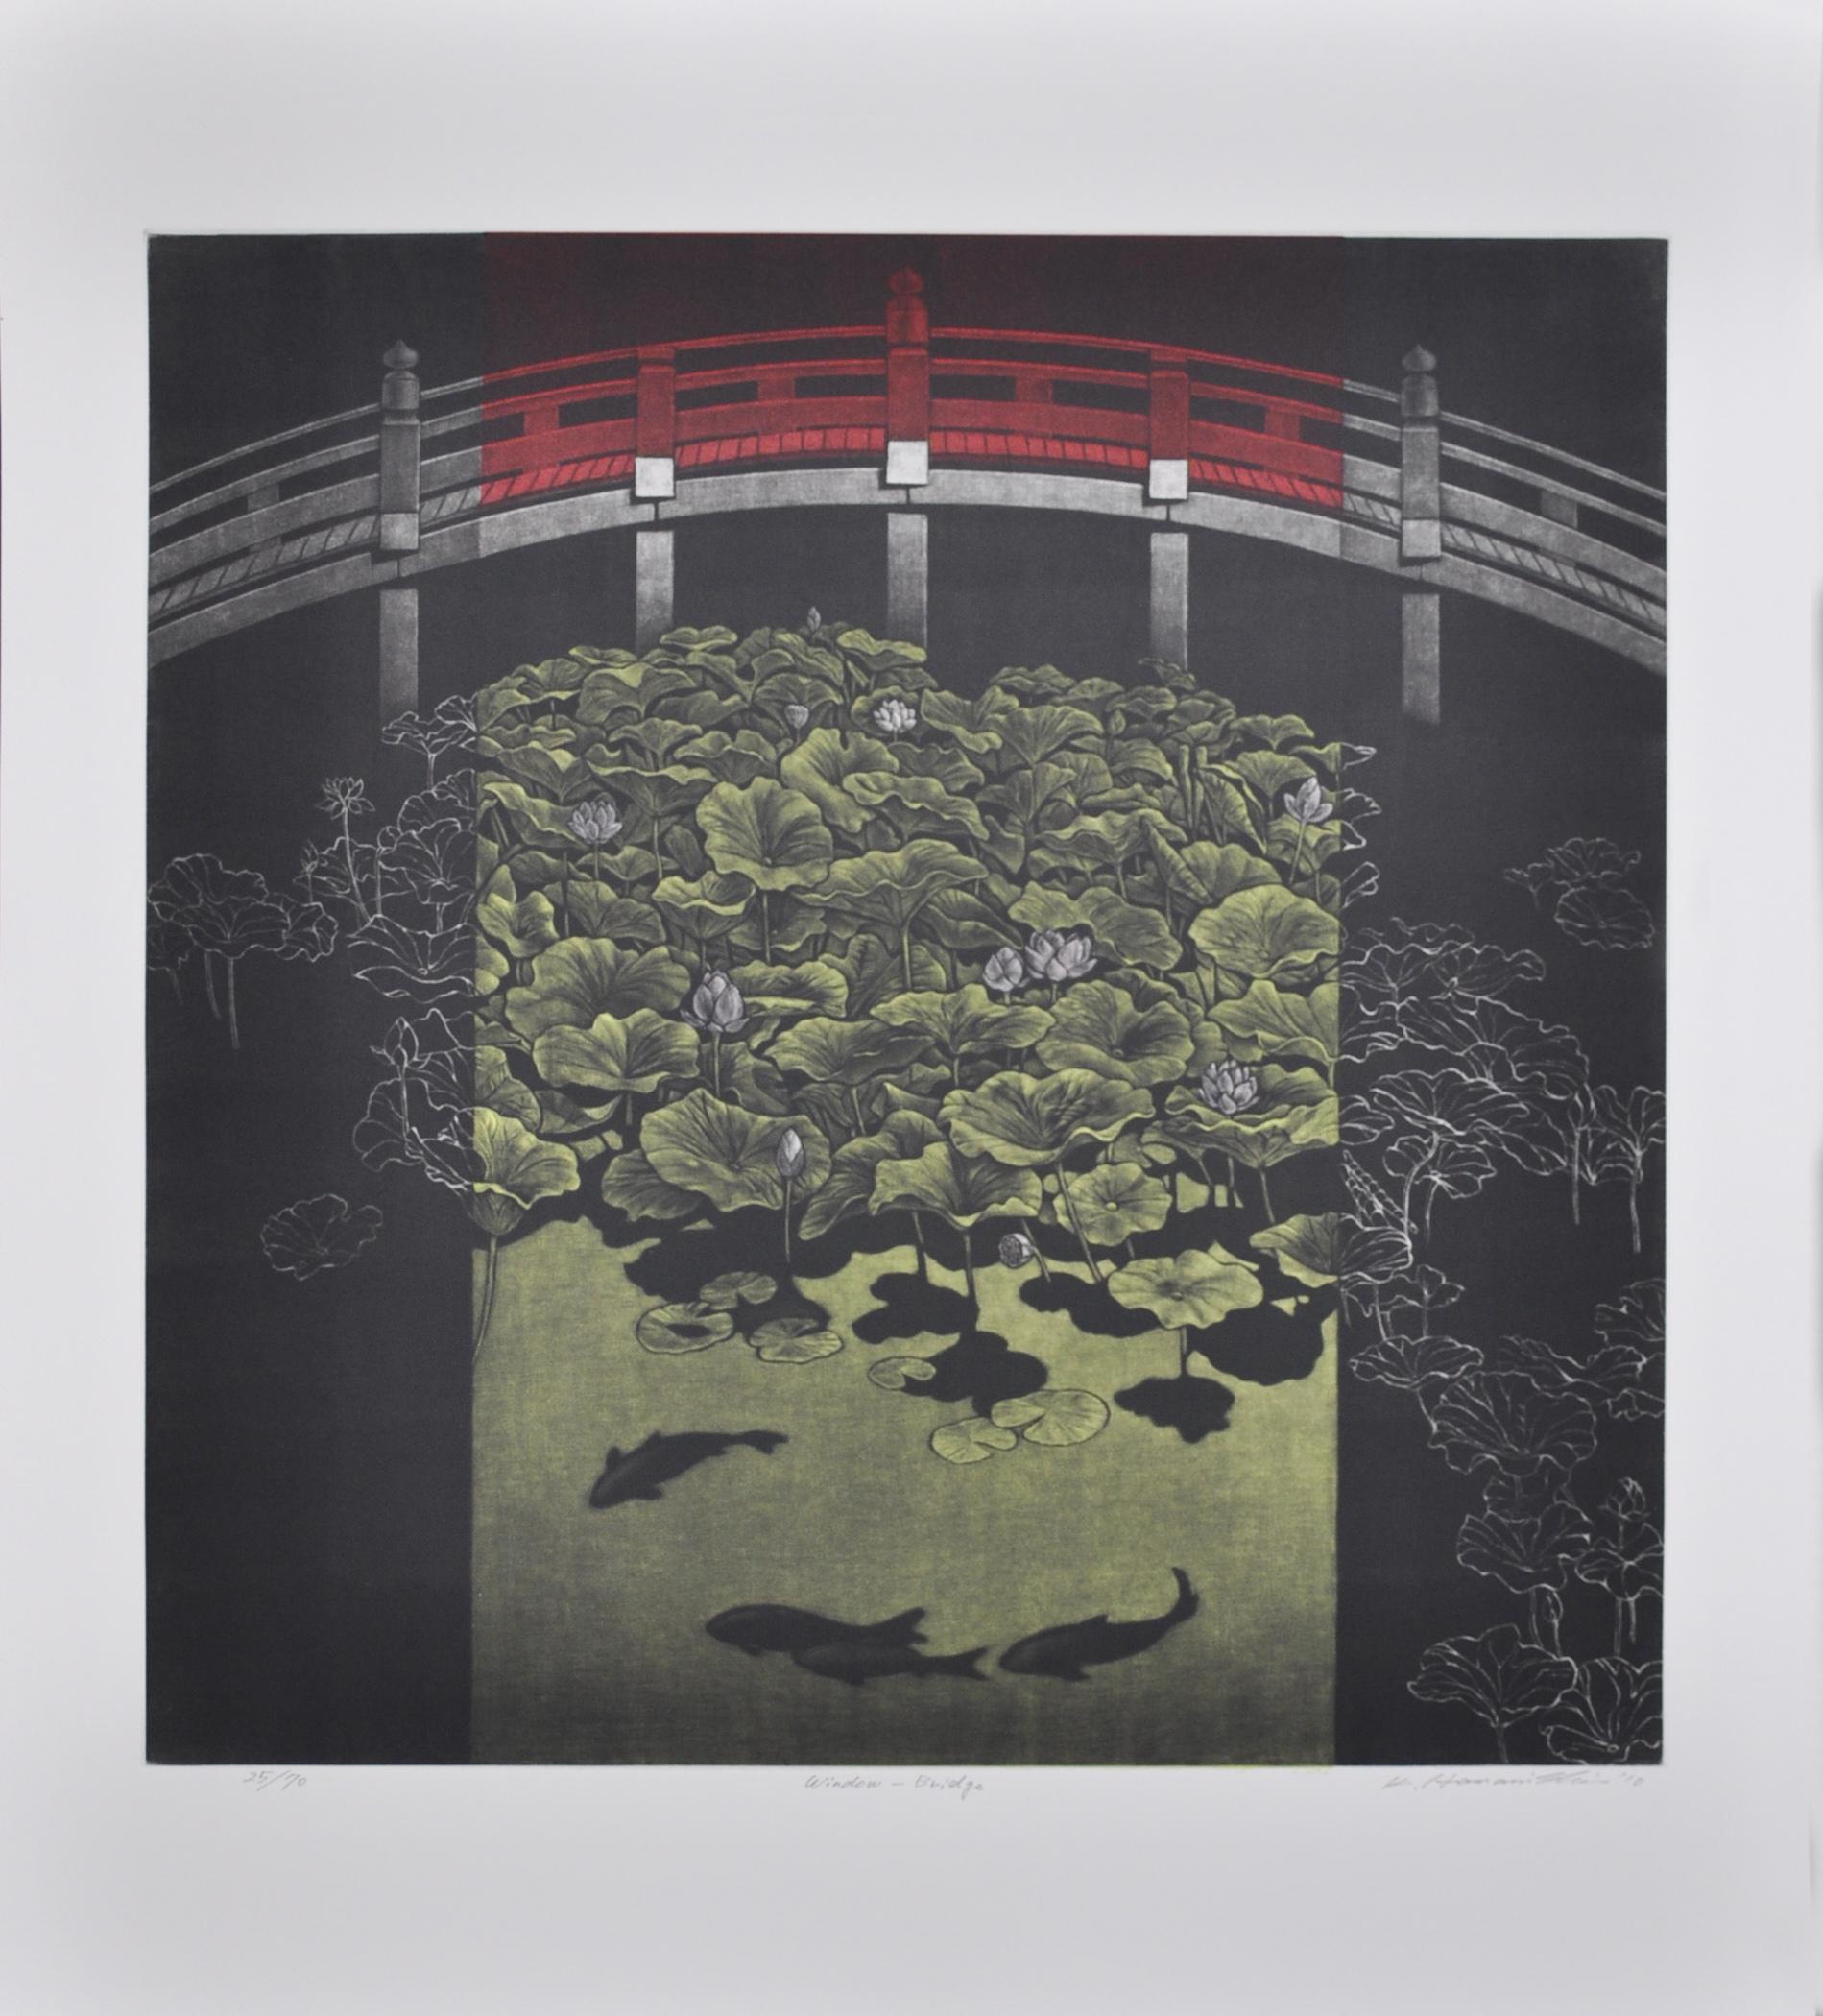 """Katsunori Hamanishi - """"Window Bridge"""" - 2010, Mezzotint, Ed of 70, Sheet size 62 x 54 cm"""